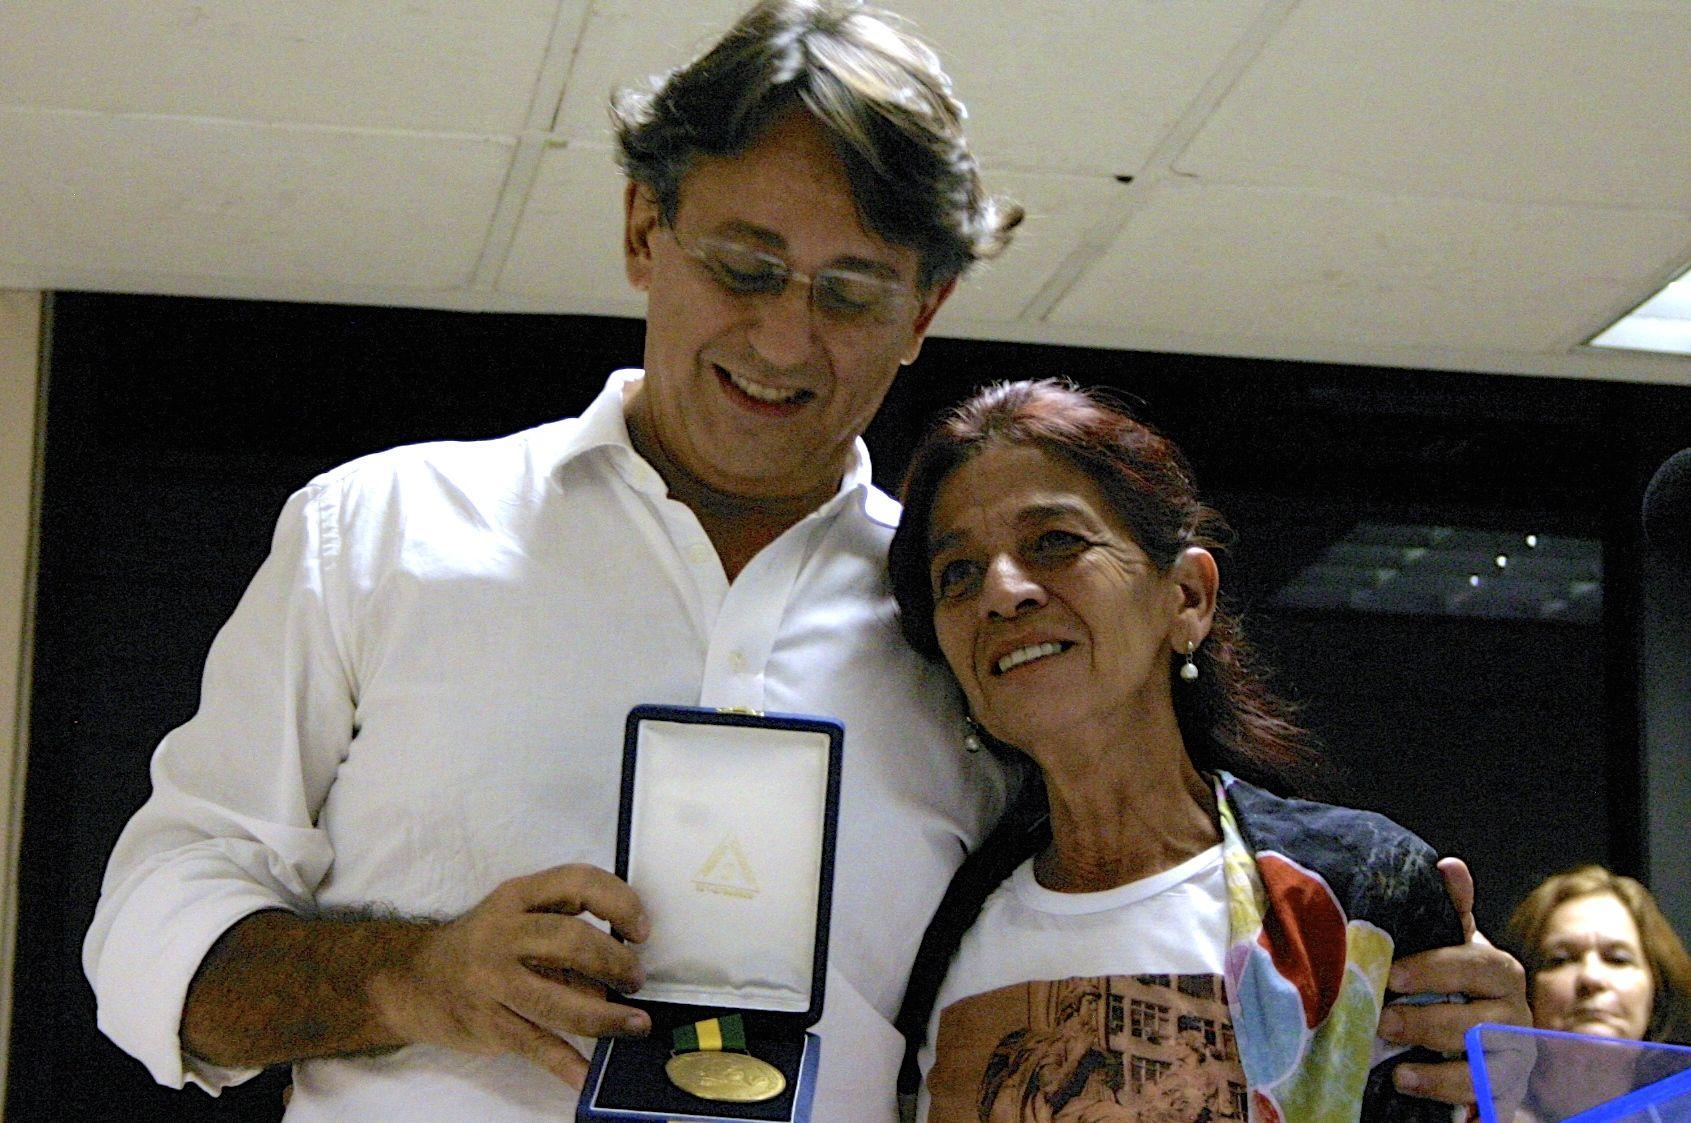 Jandira Mendes, mãe de Igor, recebe a Medalha Chico Mendes de Resistência ao lado de José Pimenta, do MEPR. Foto: Anne Vigna